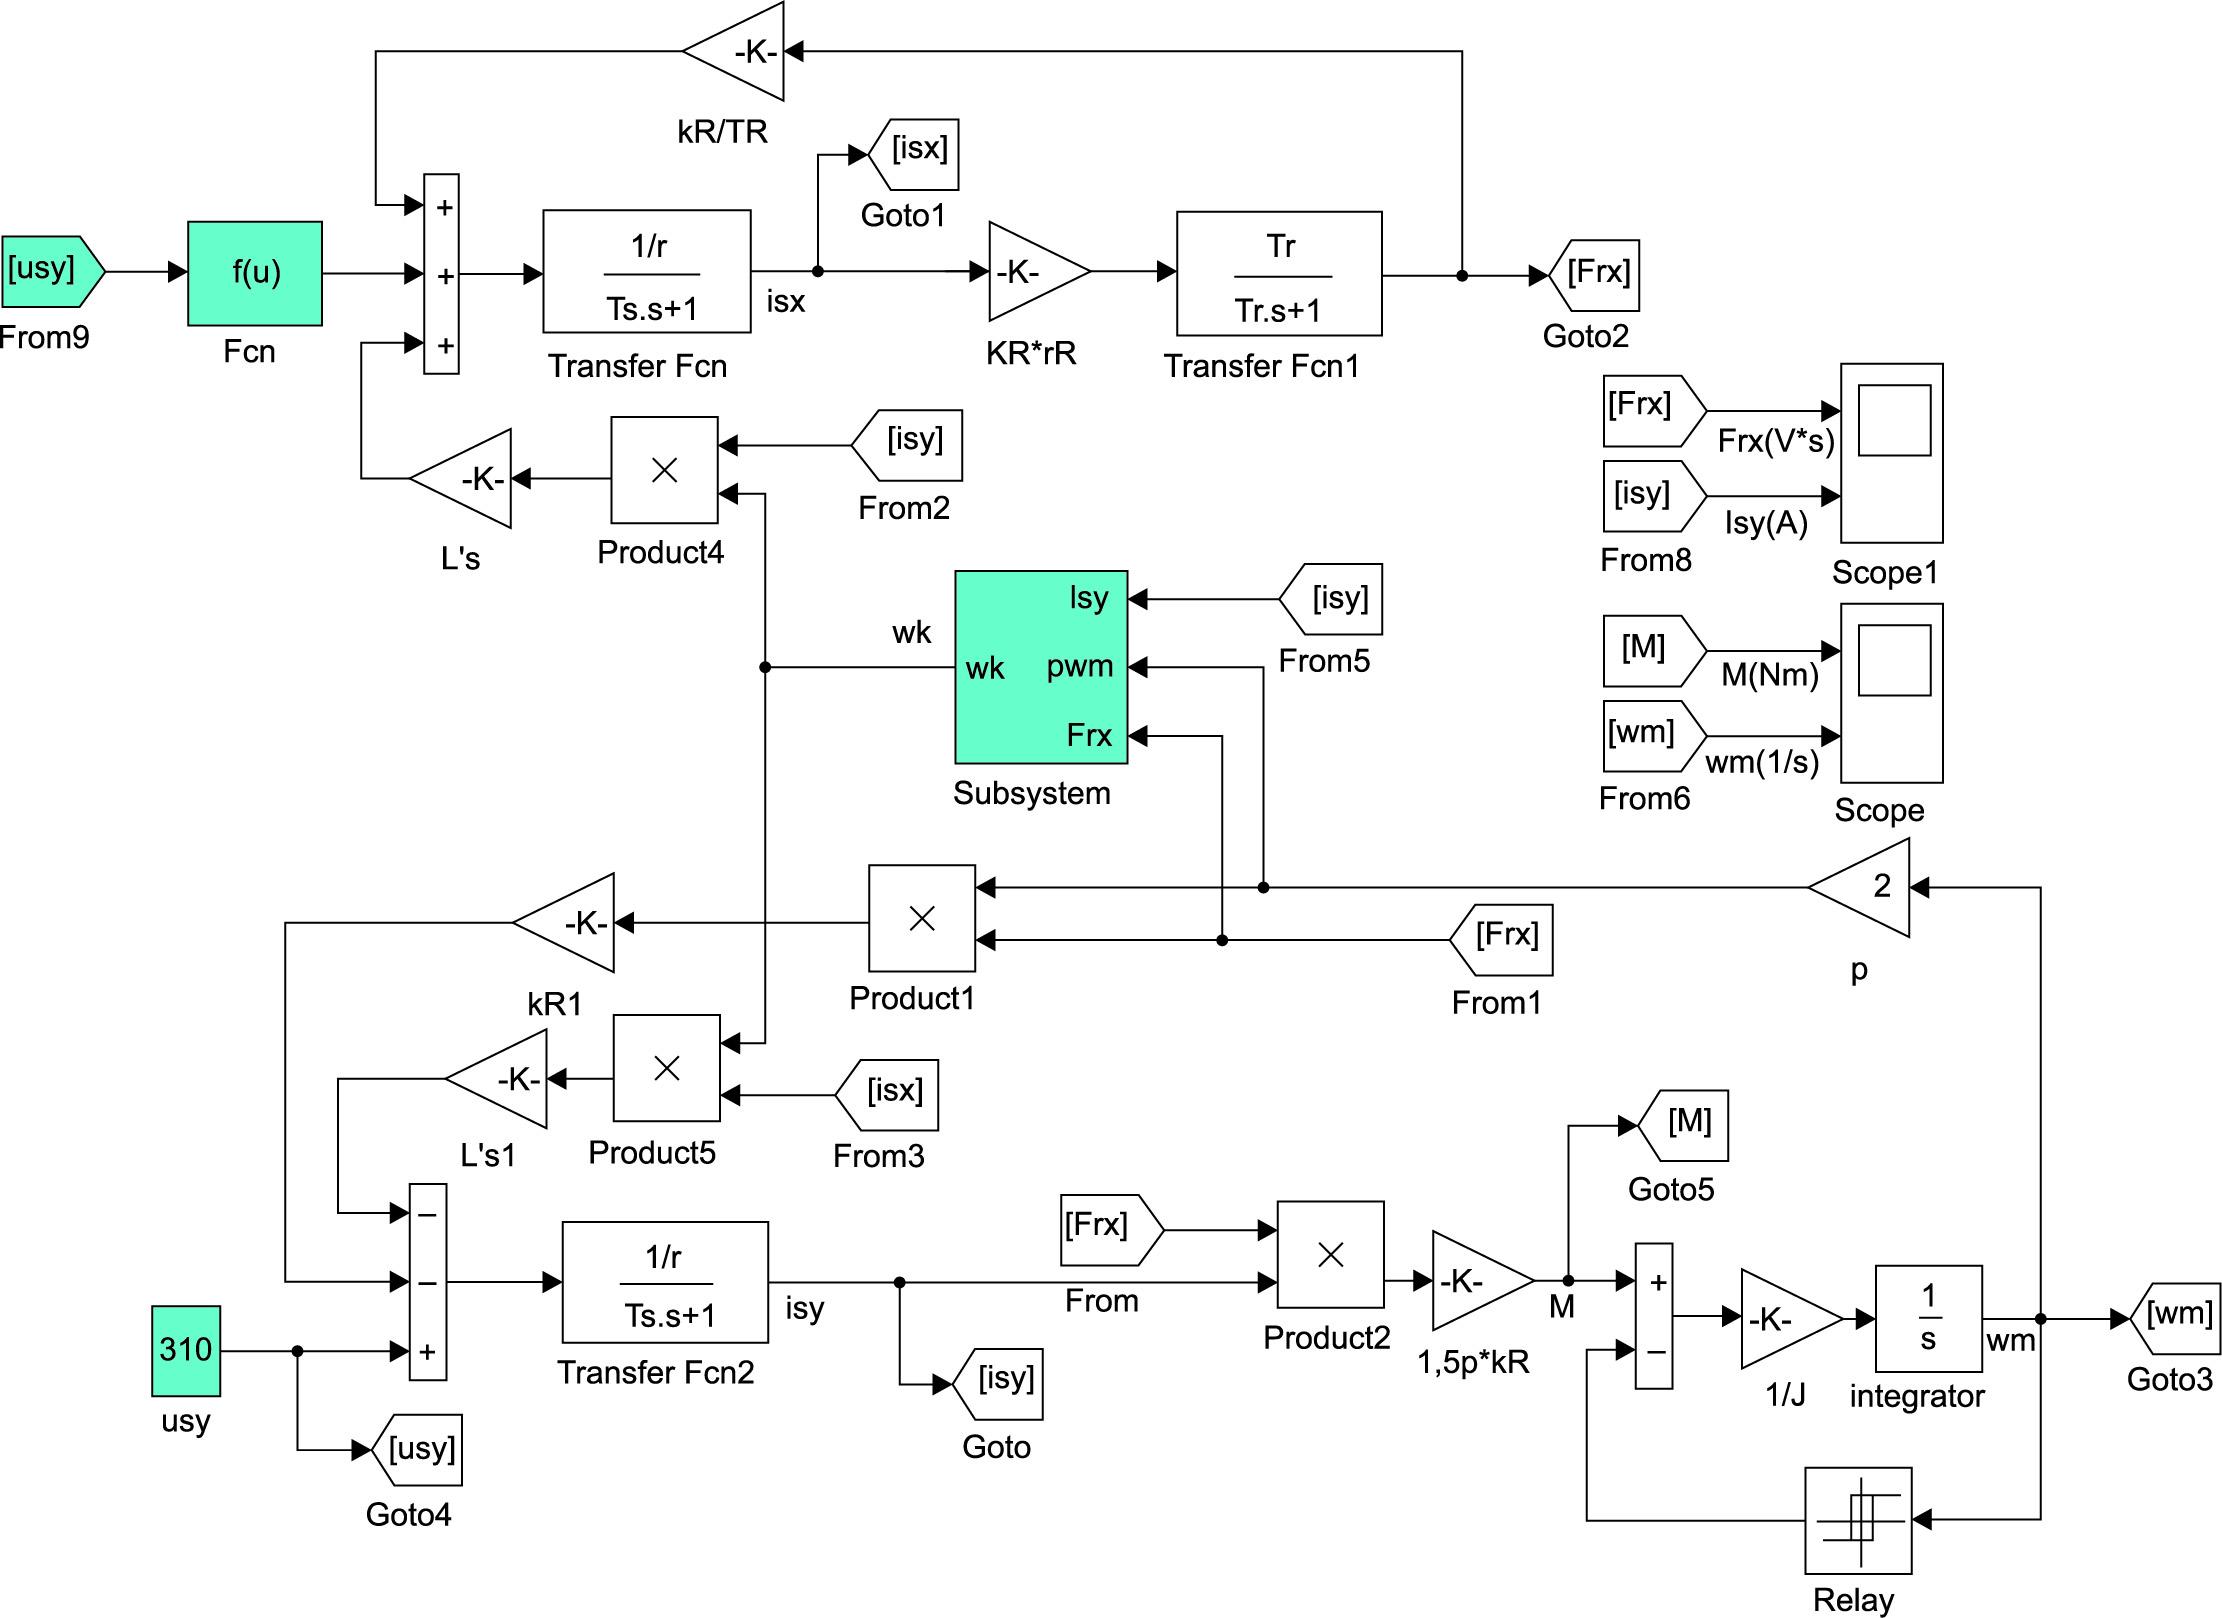 Структурная модель мехатронной системы во вращающейся системе координат с базовым вектором потокосцепления ротора